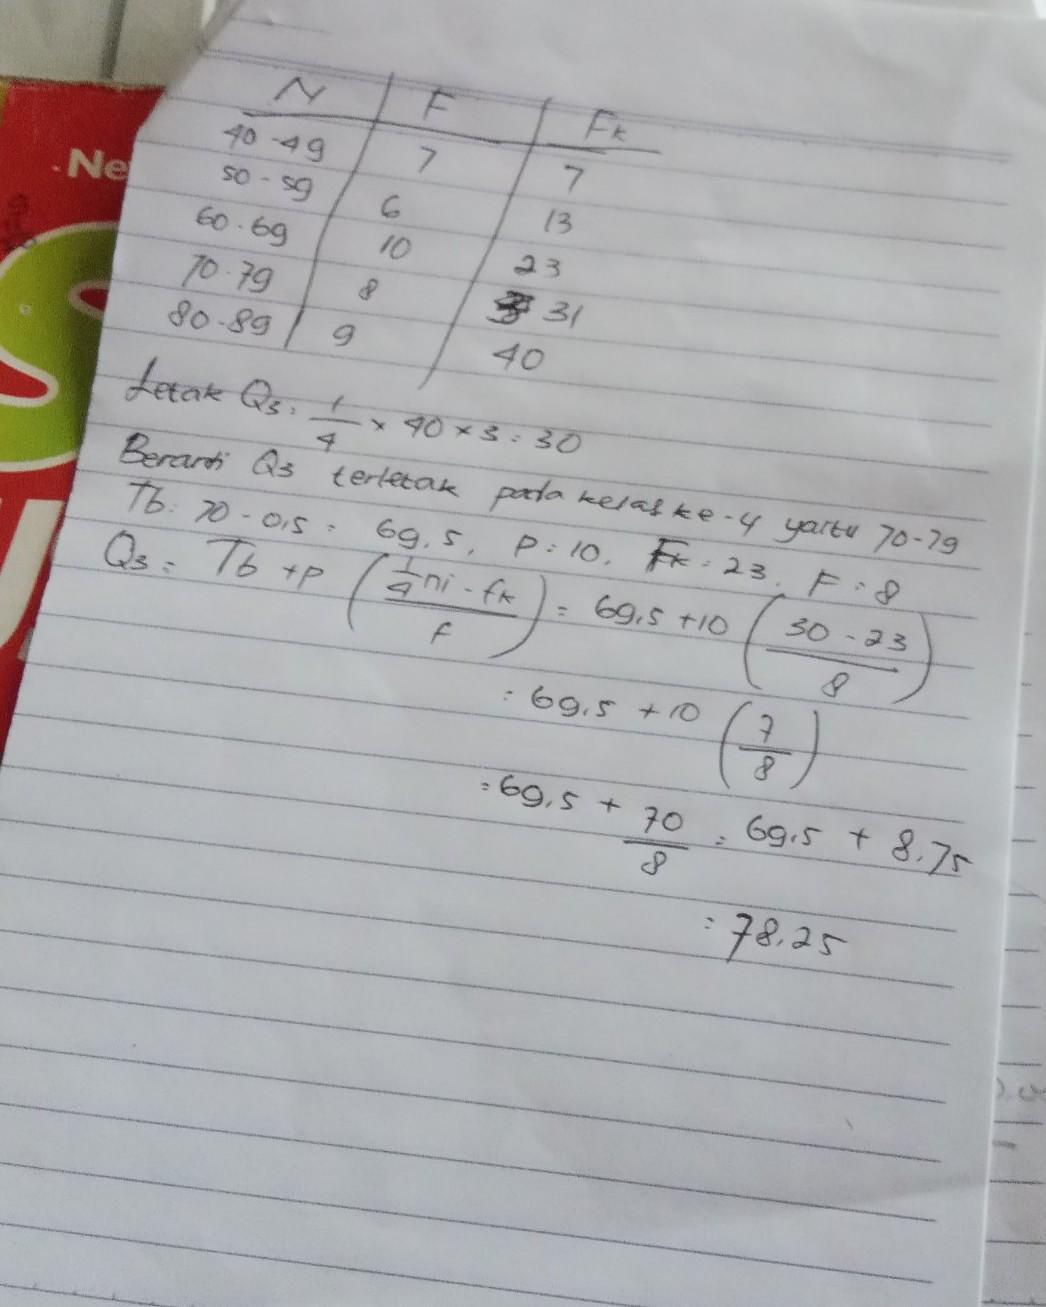 nilai kuartil atas 3 dari data yang disajikan adalah nilai ...